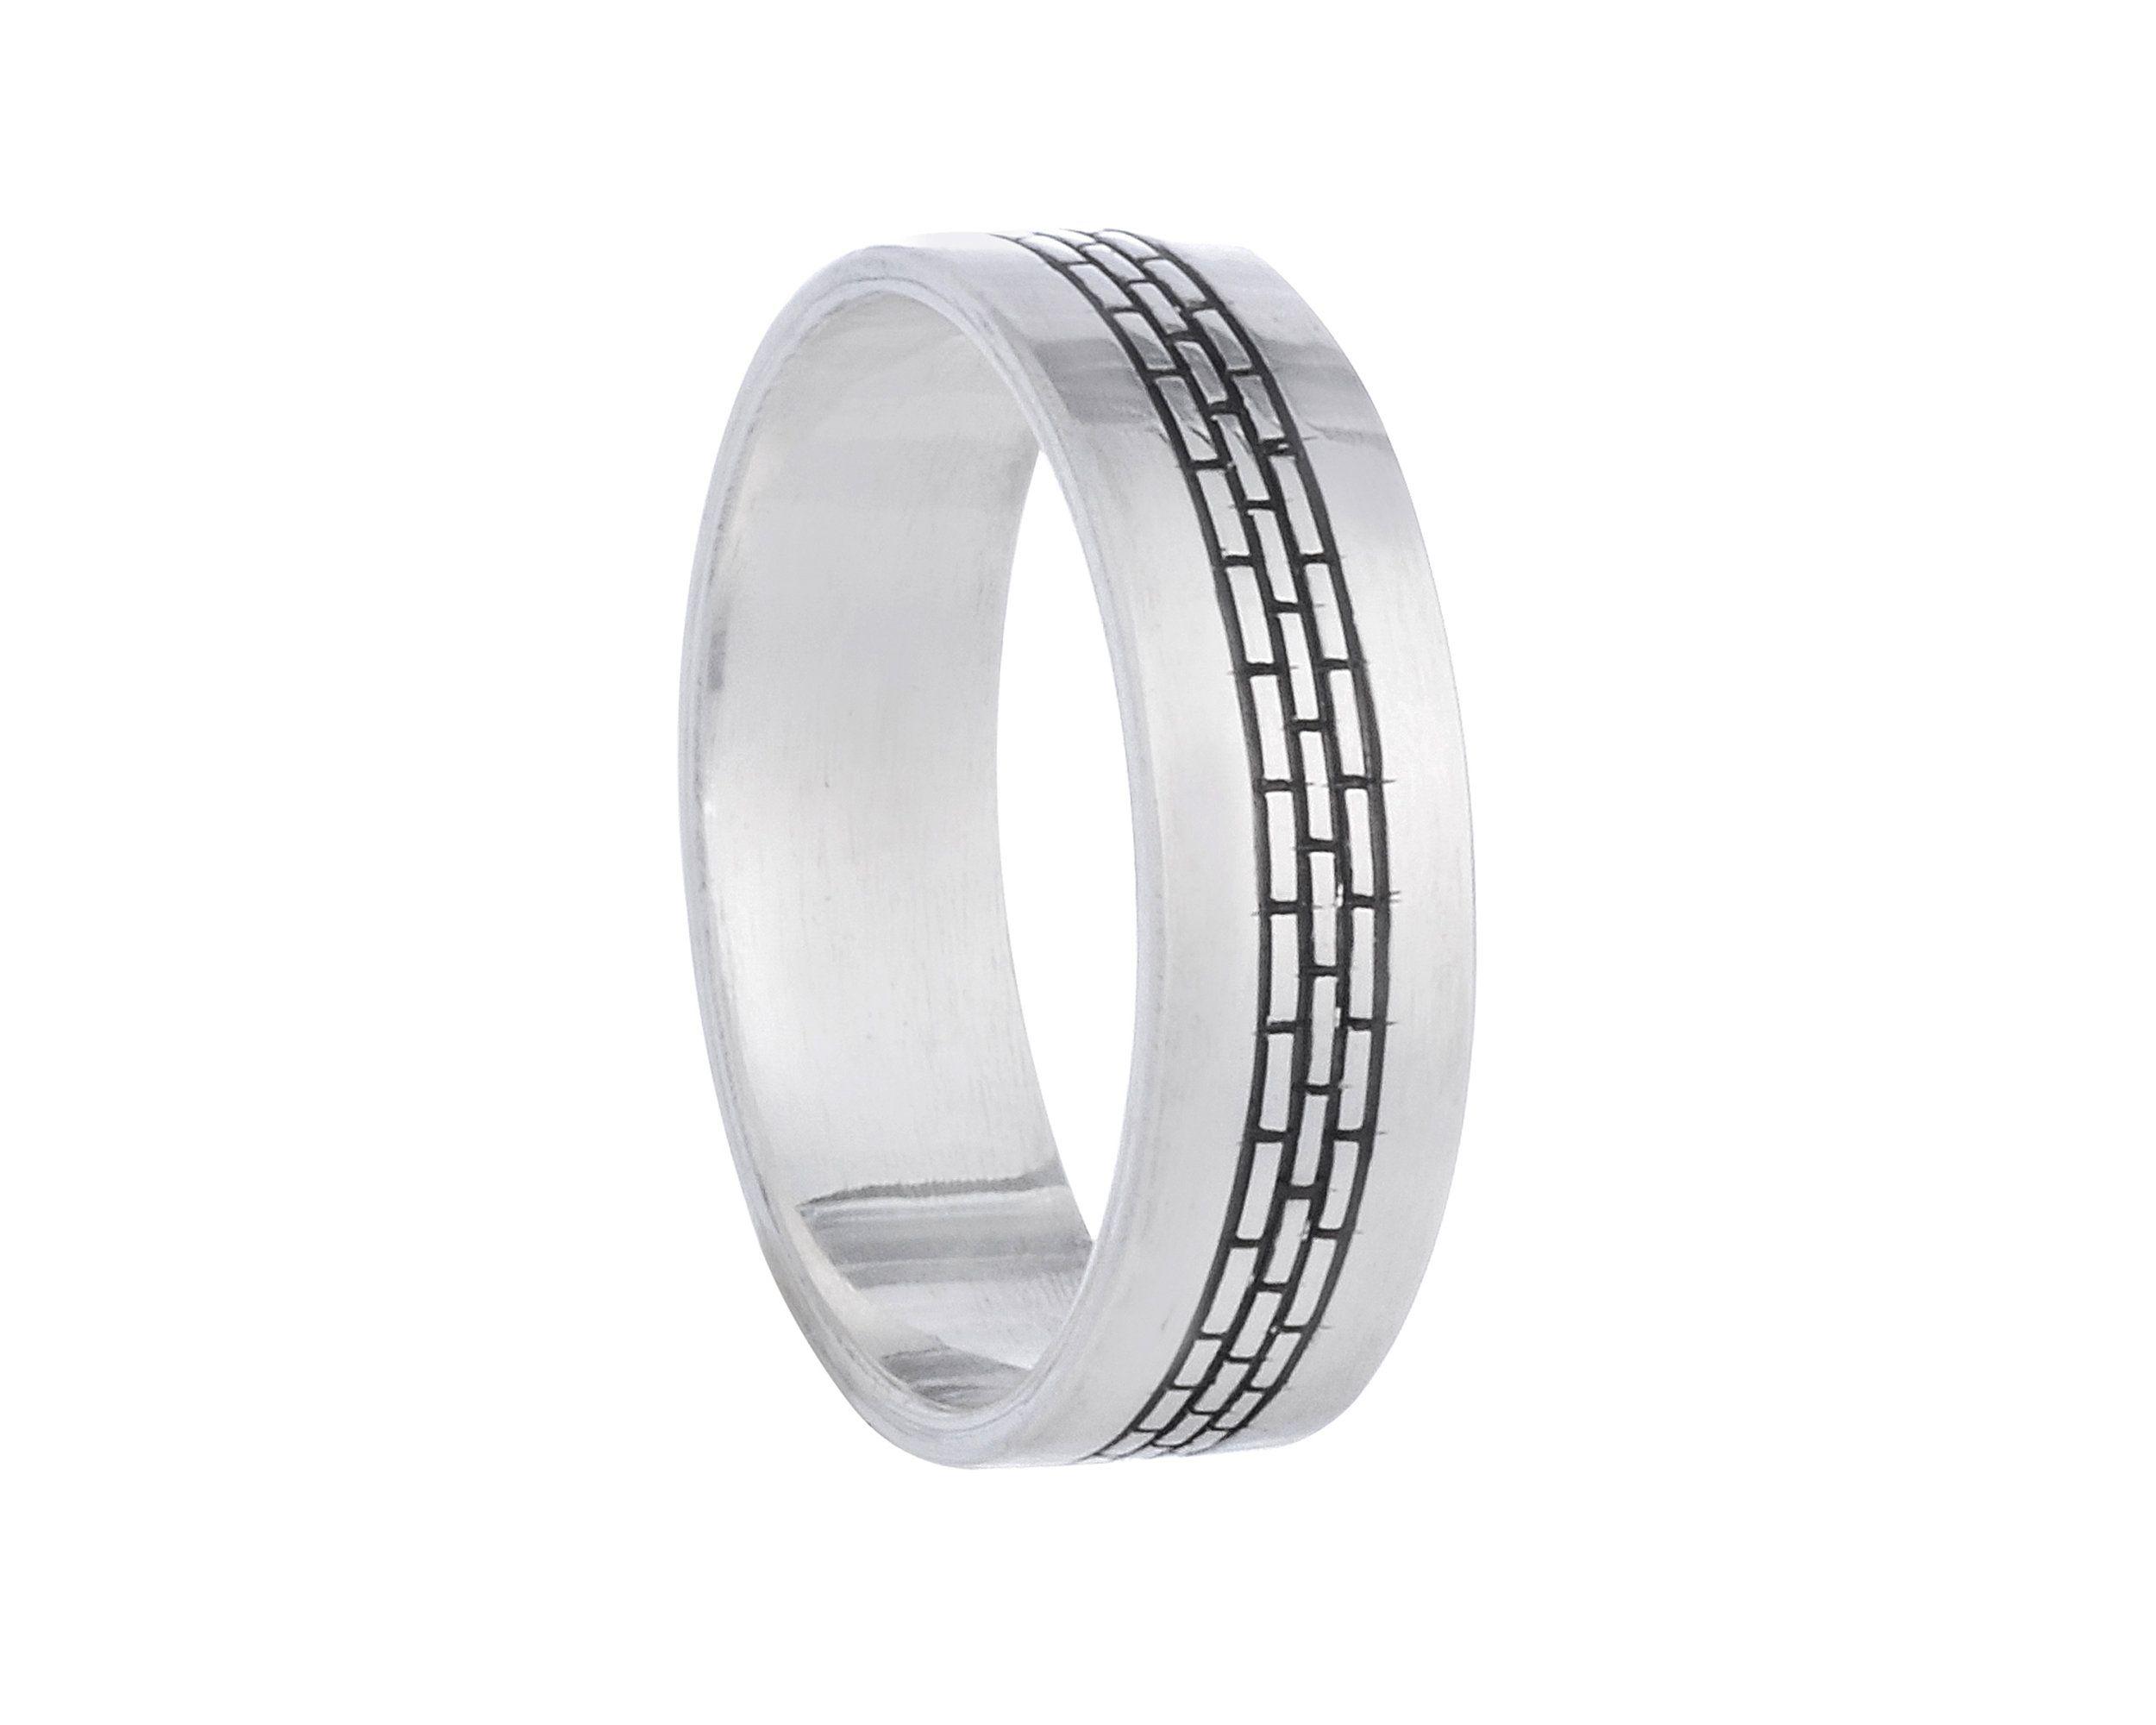 Men S Rings Men Wedding Band Mens Sterling Silver Ring Mens Wedding Ring 925 Sterling Silver Men Ring Rustic Sterling Silver Band Ring Rings For Men Sterling Silver Rings Etsy Sterling Silver